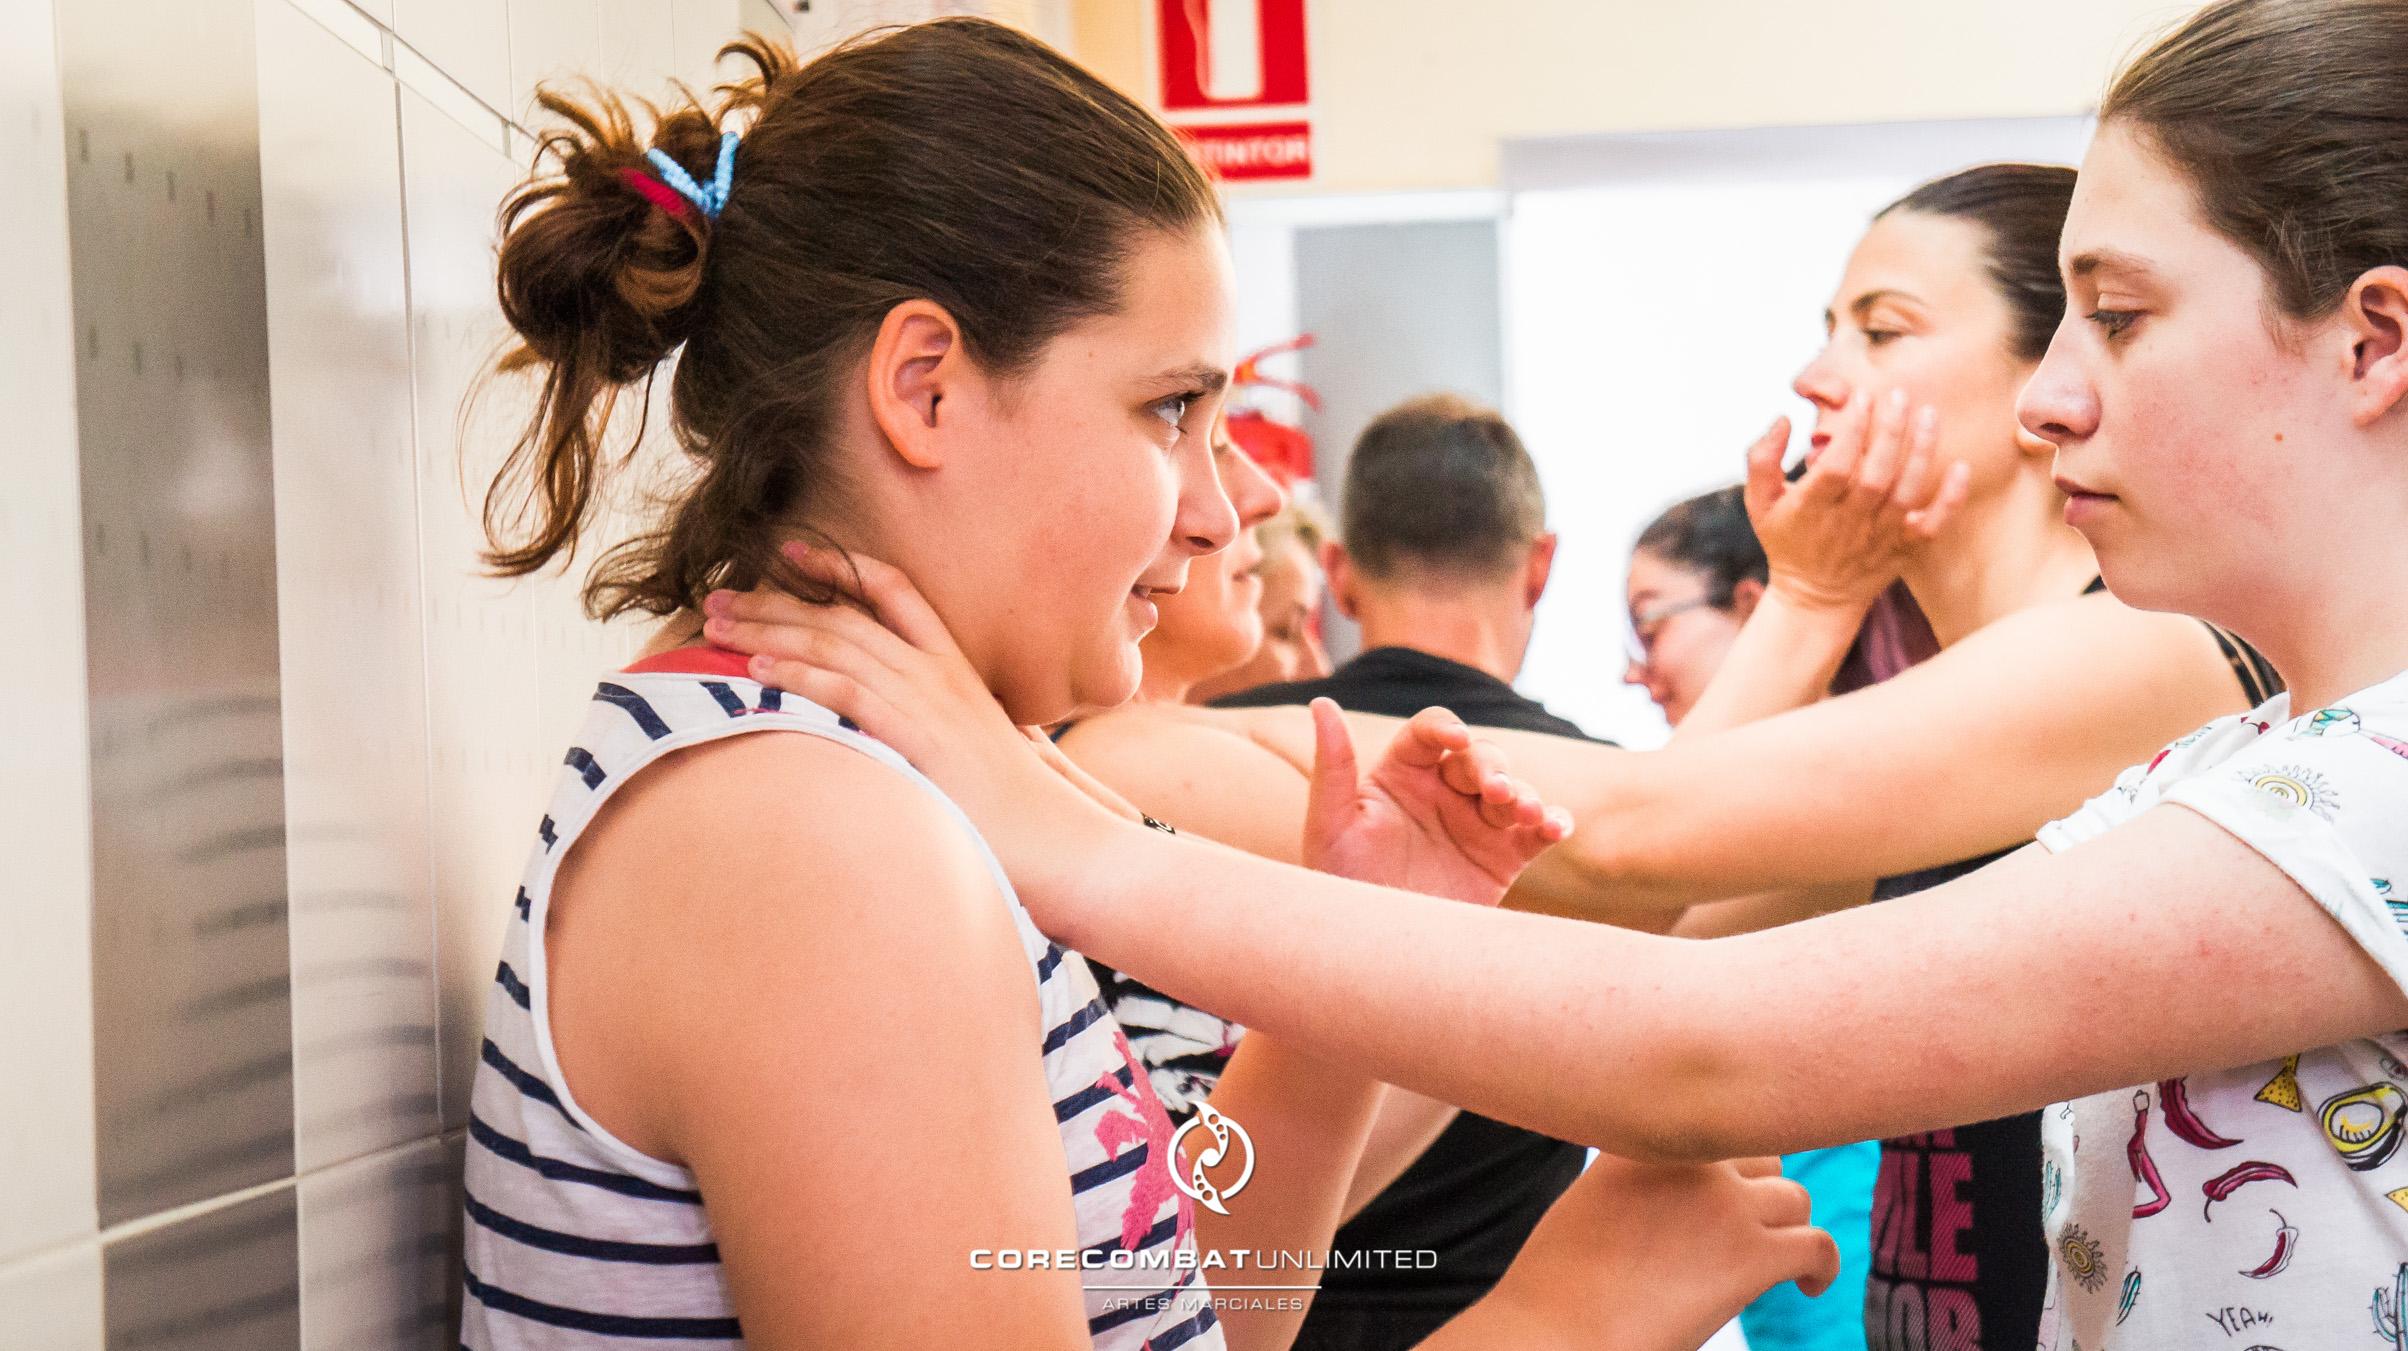 curso-defensa-personal-para-mujeres-zamora-coreses-artes-marciales-zamora-core-combat-salamanca-valladolid-leon-madrid-35